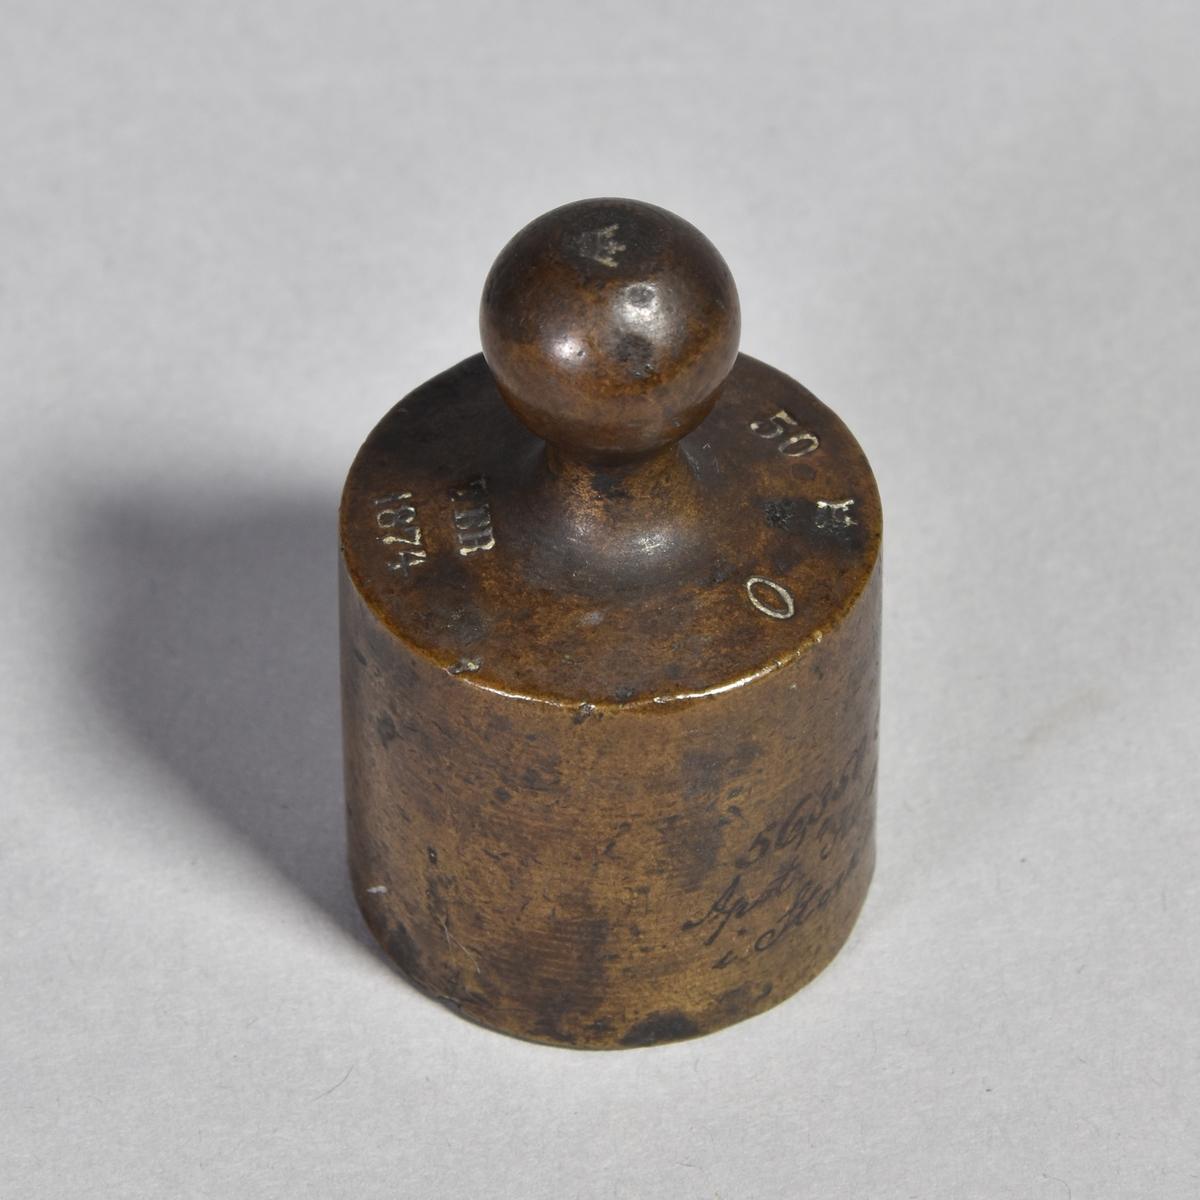 Vikt av koppar, cylindrisk med knopp på ovansidan. Svårlästa justerarstämplar.